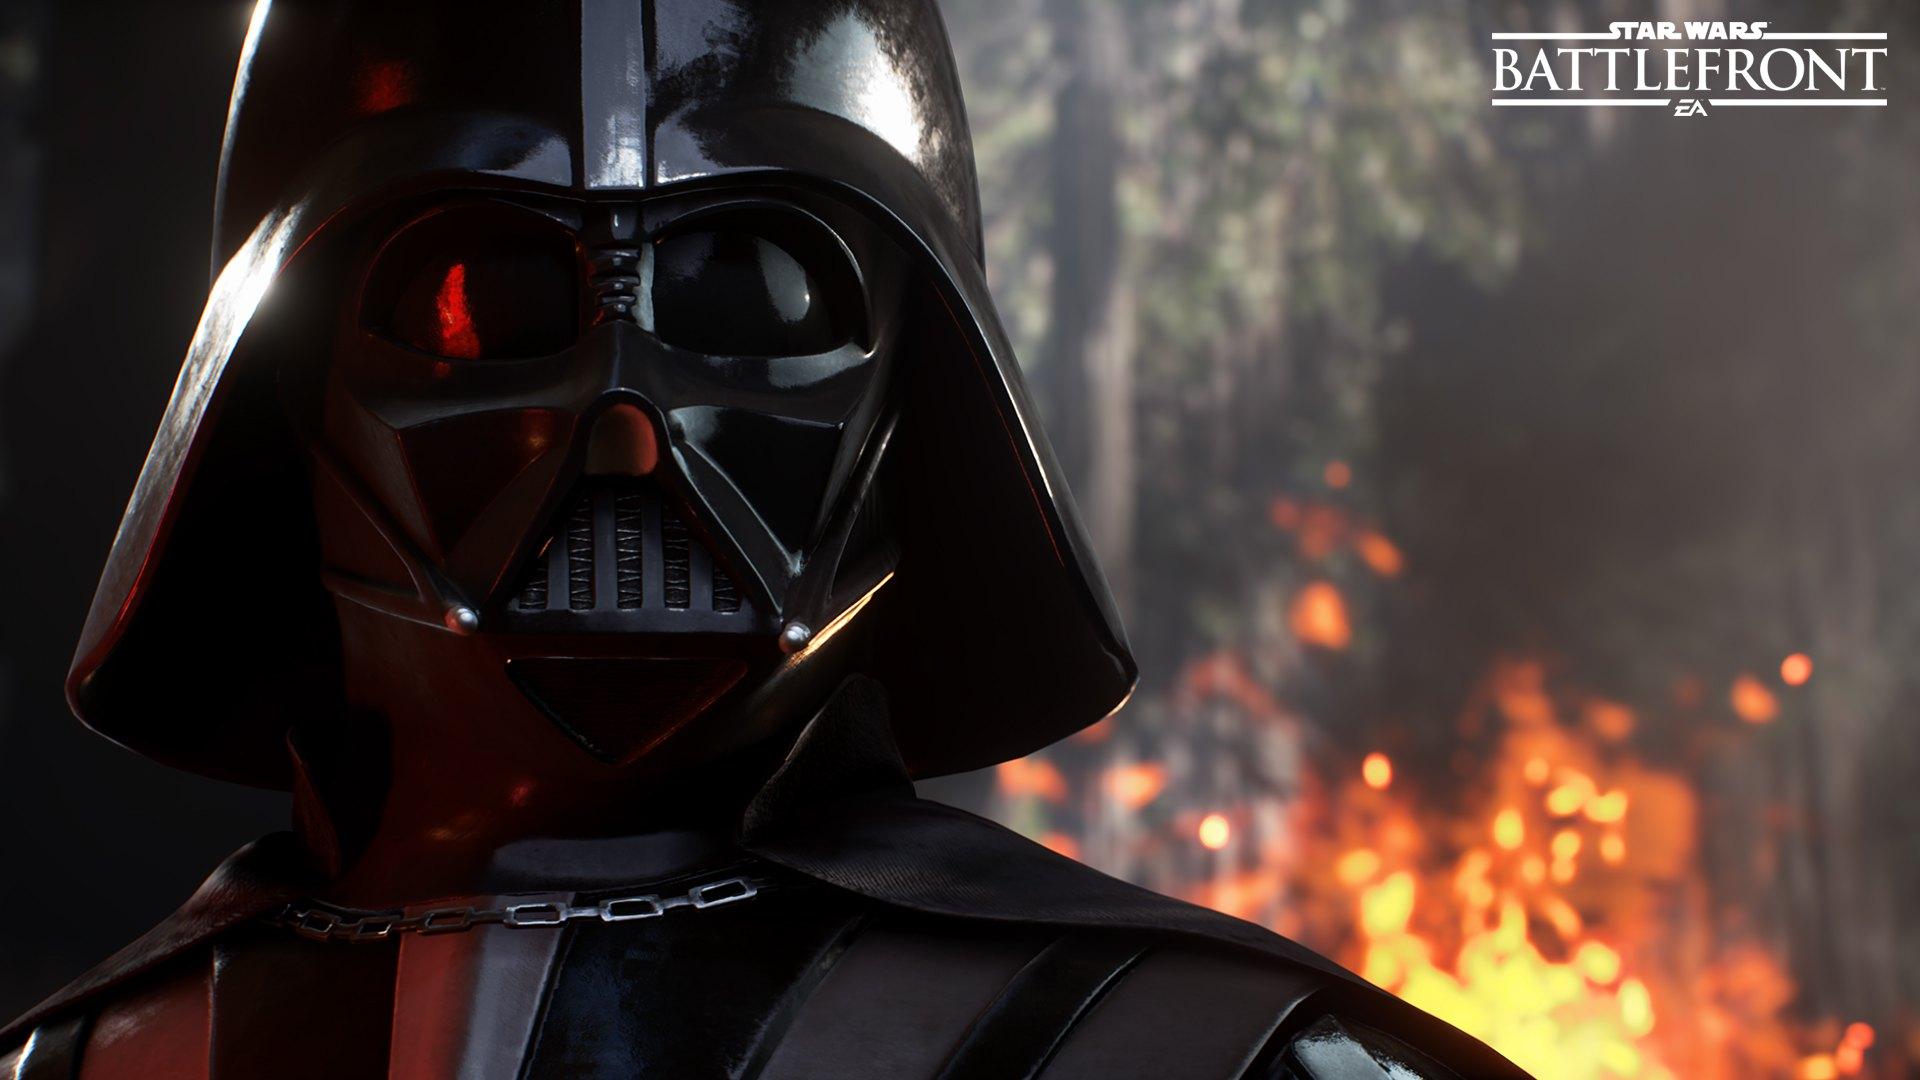 Star Wars Battlefront sera disponible le 17 novembre 2015 sur PC PS4 1920x1080